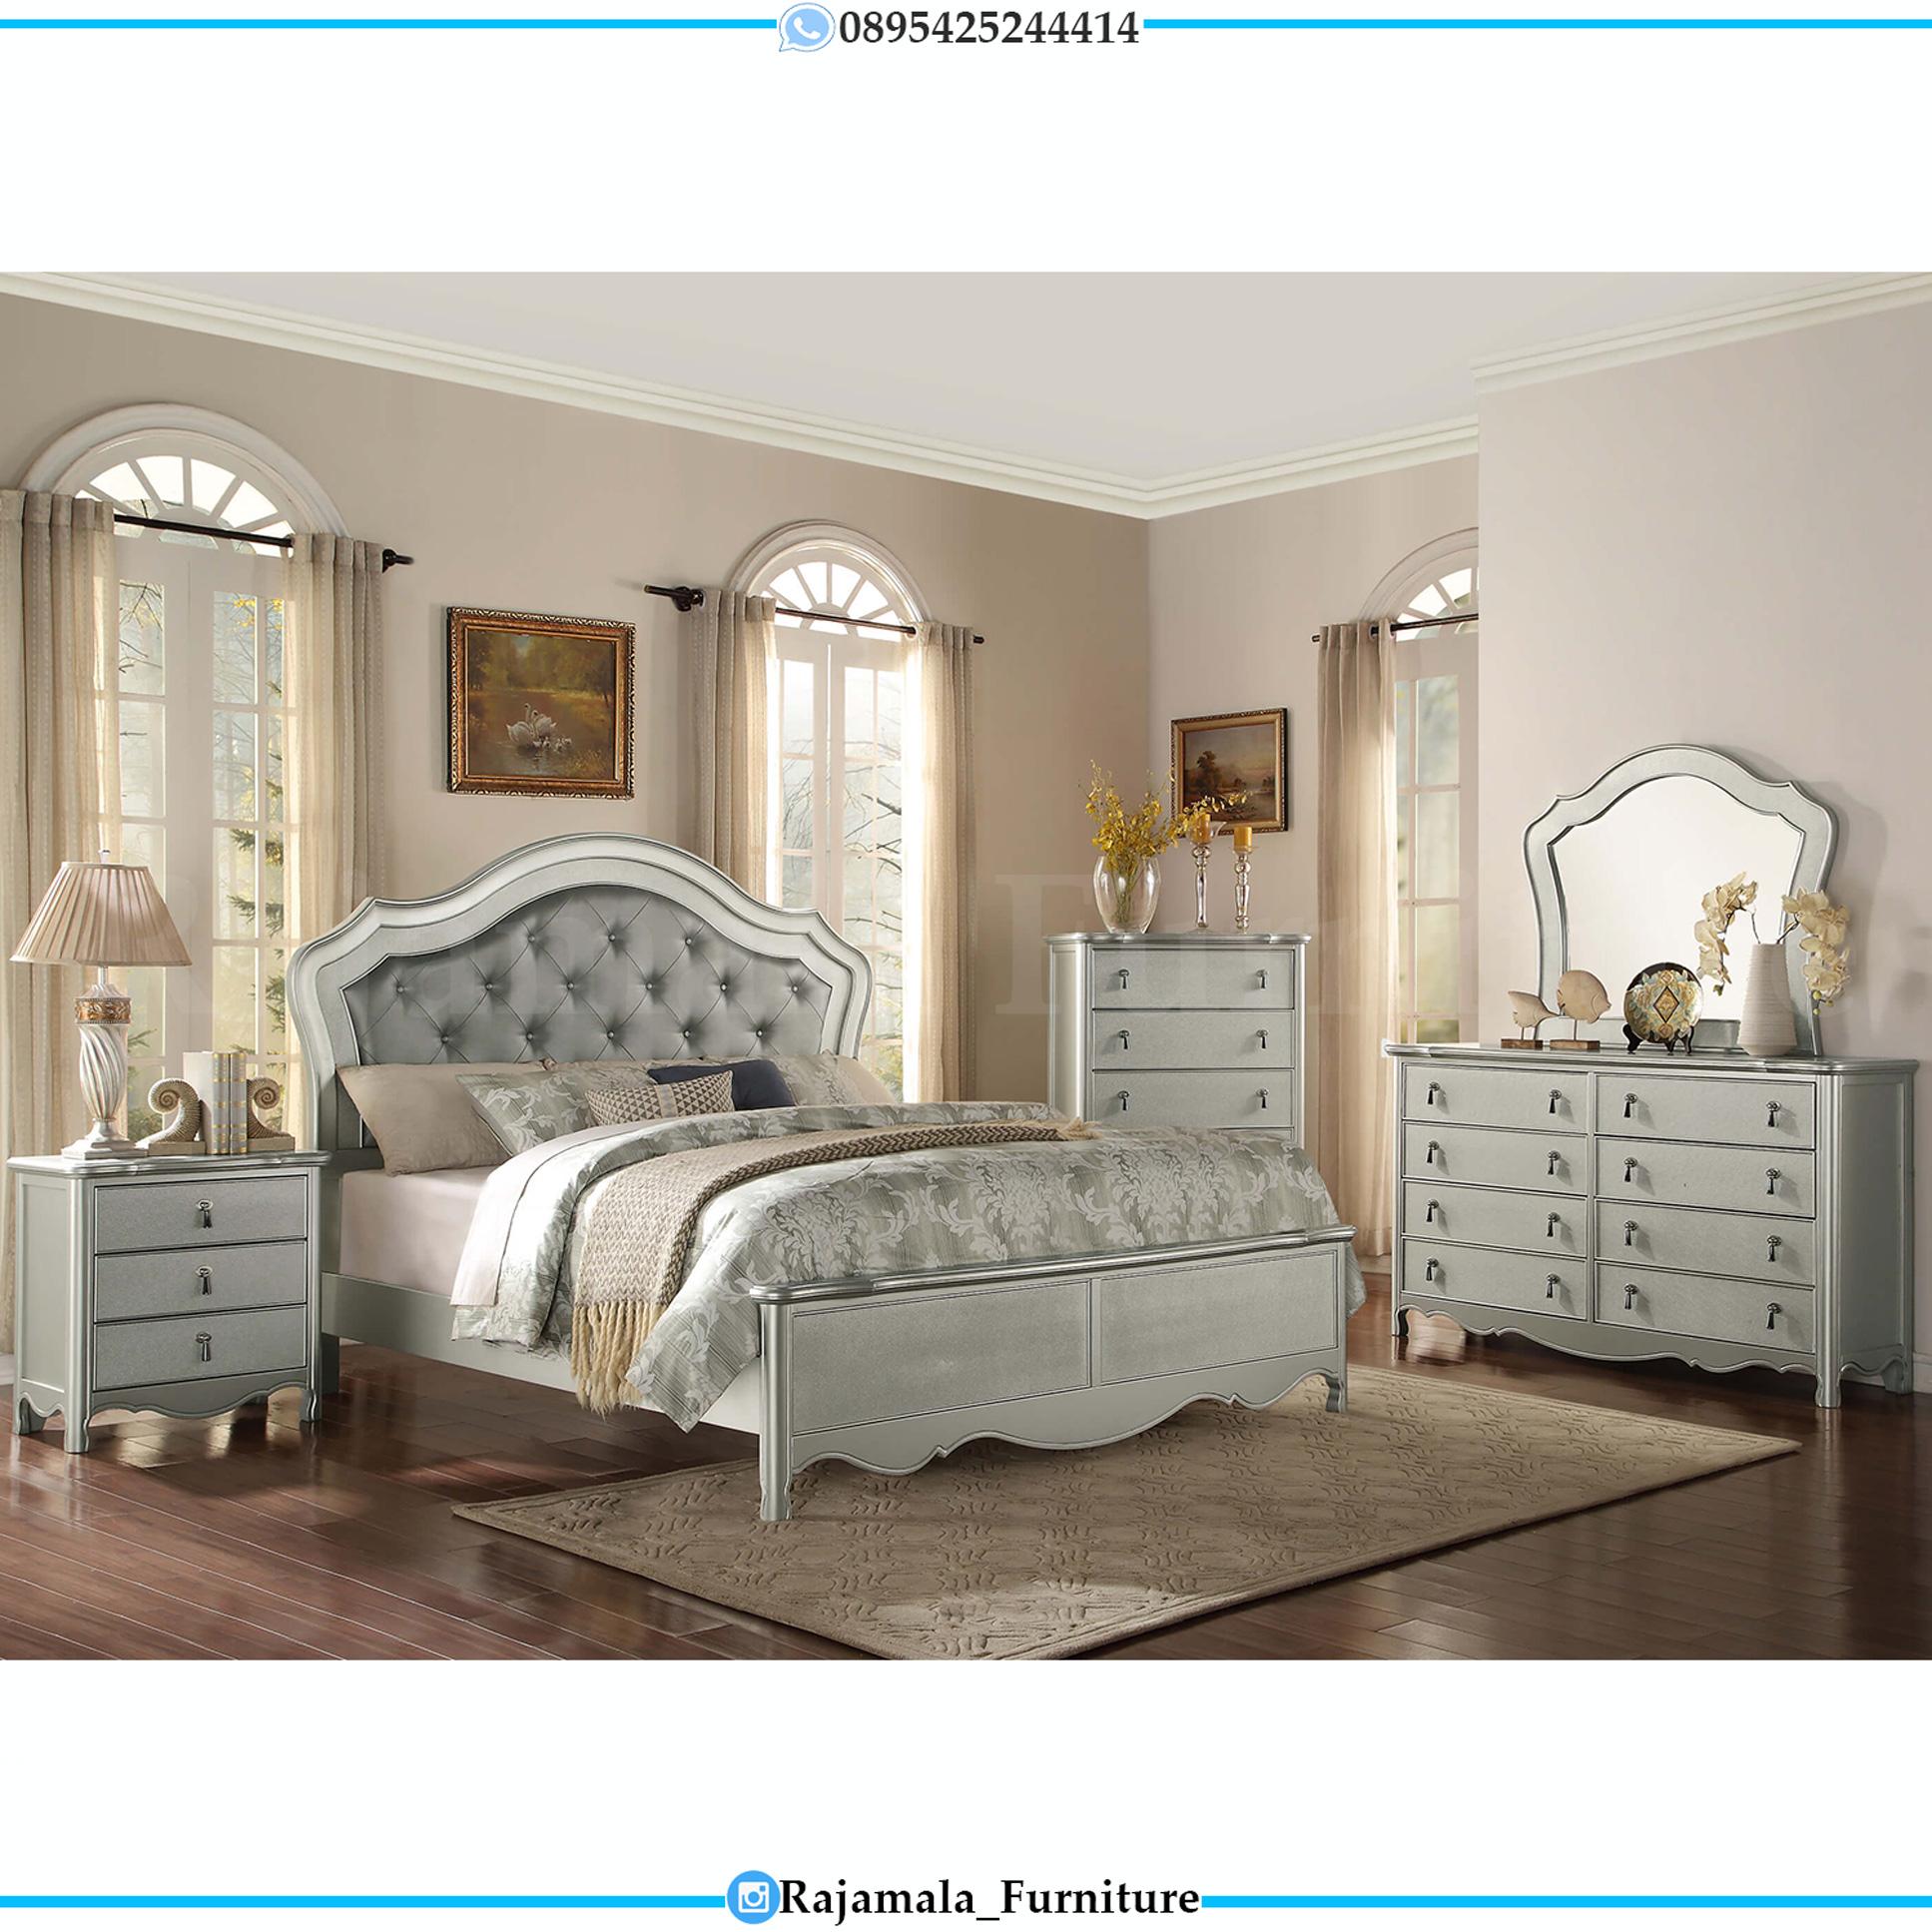 Dipan Minimalis Best Kamar Set Modern Collection Furniture Luxury RM-0079